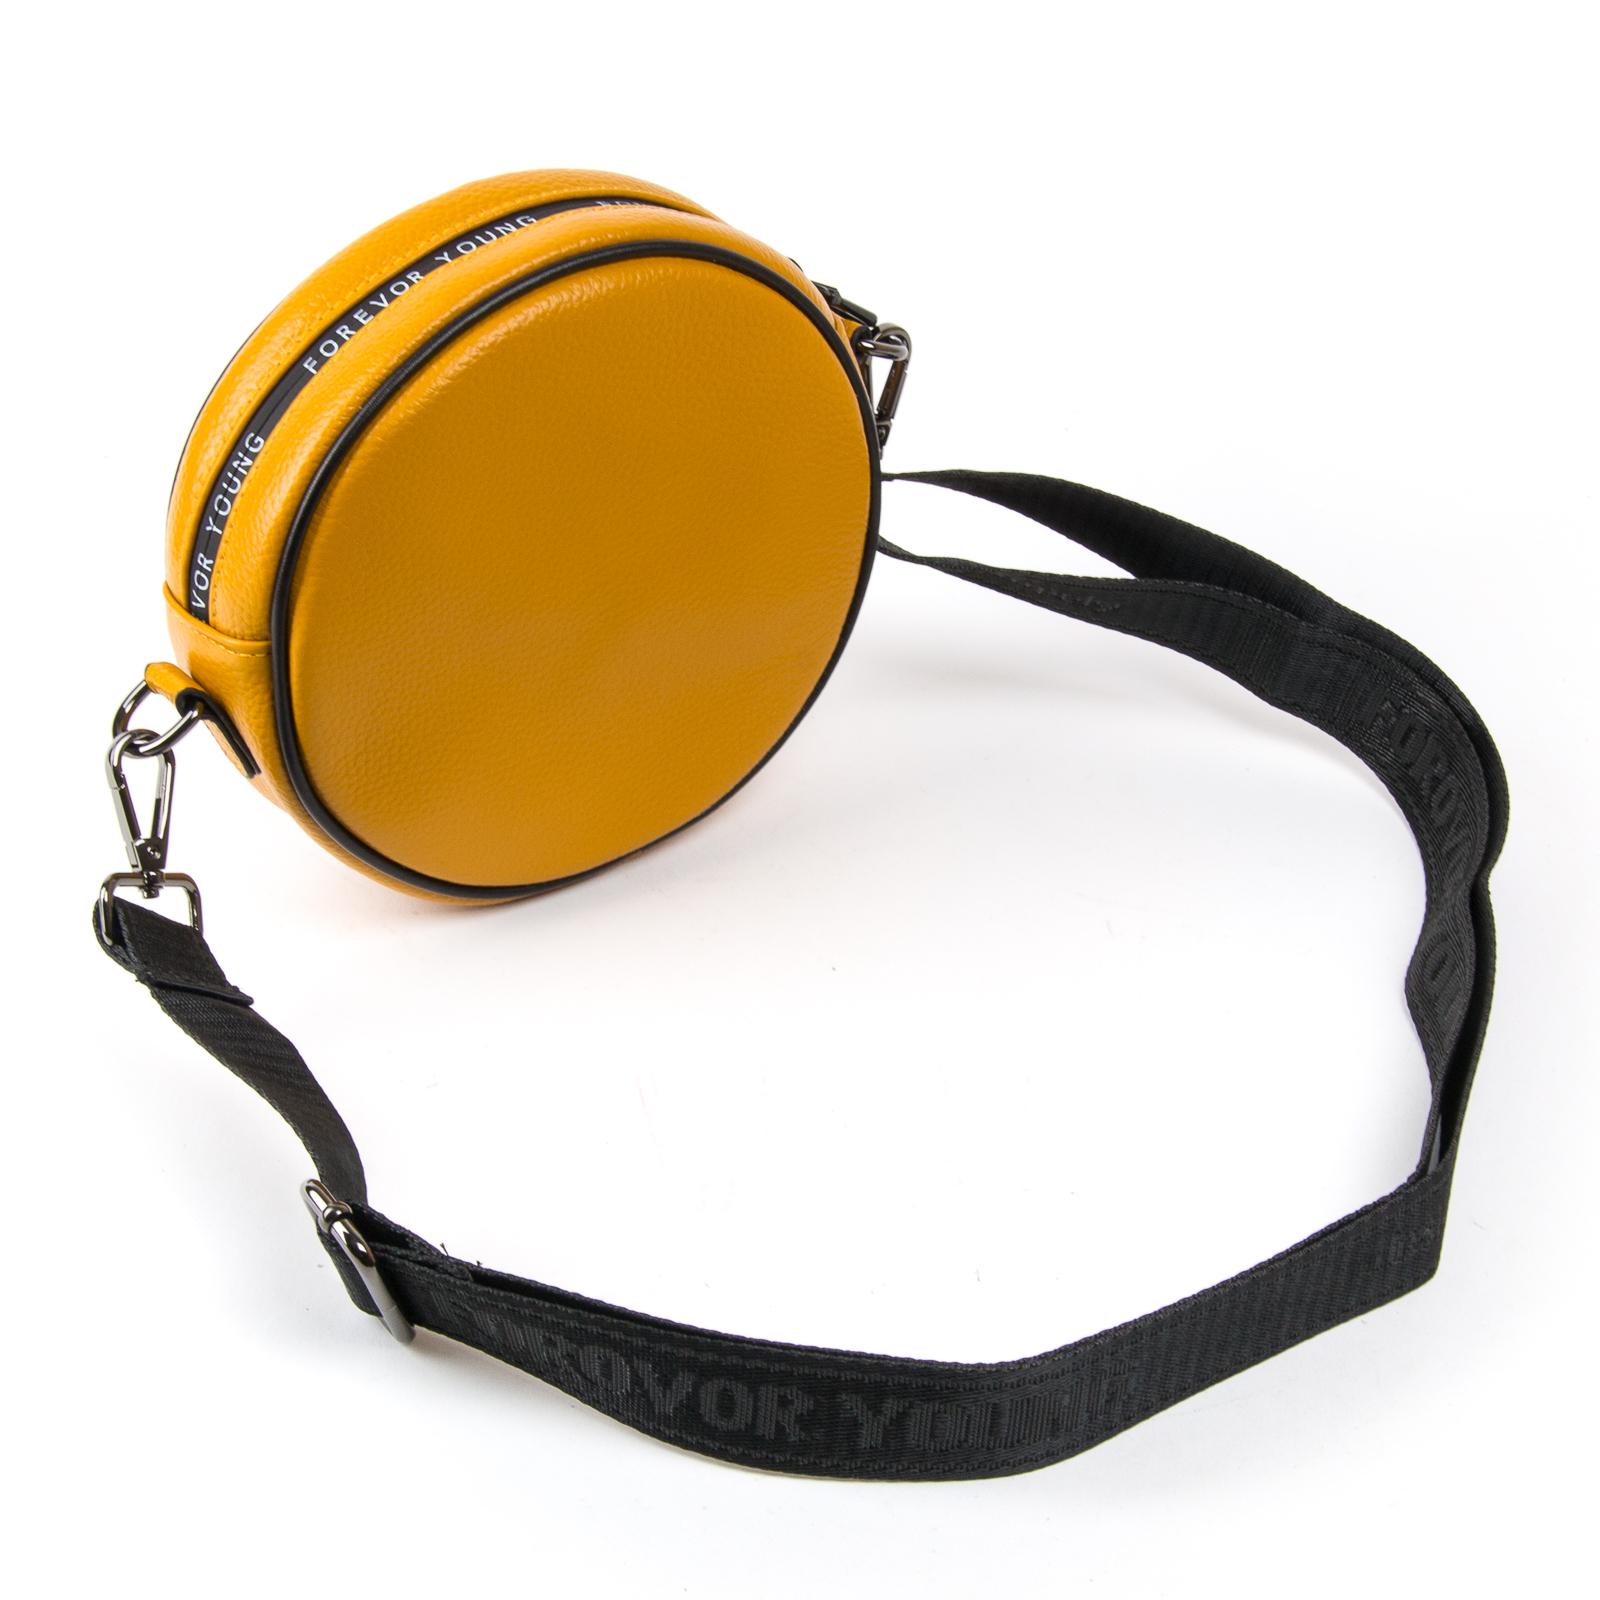 Сумка Женская Клатч кожа ALEX RAI 1-02 39032-9 yellow - фото 3